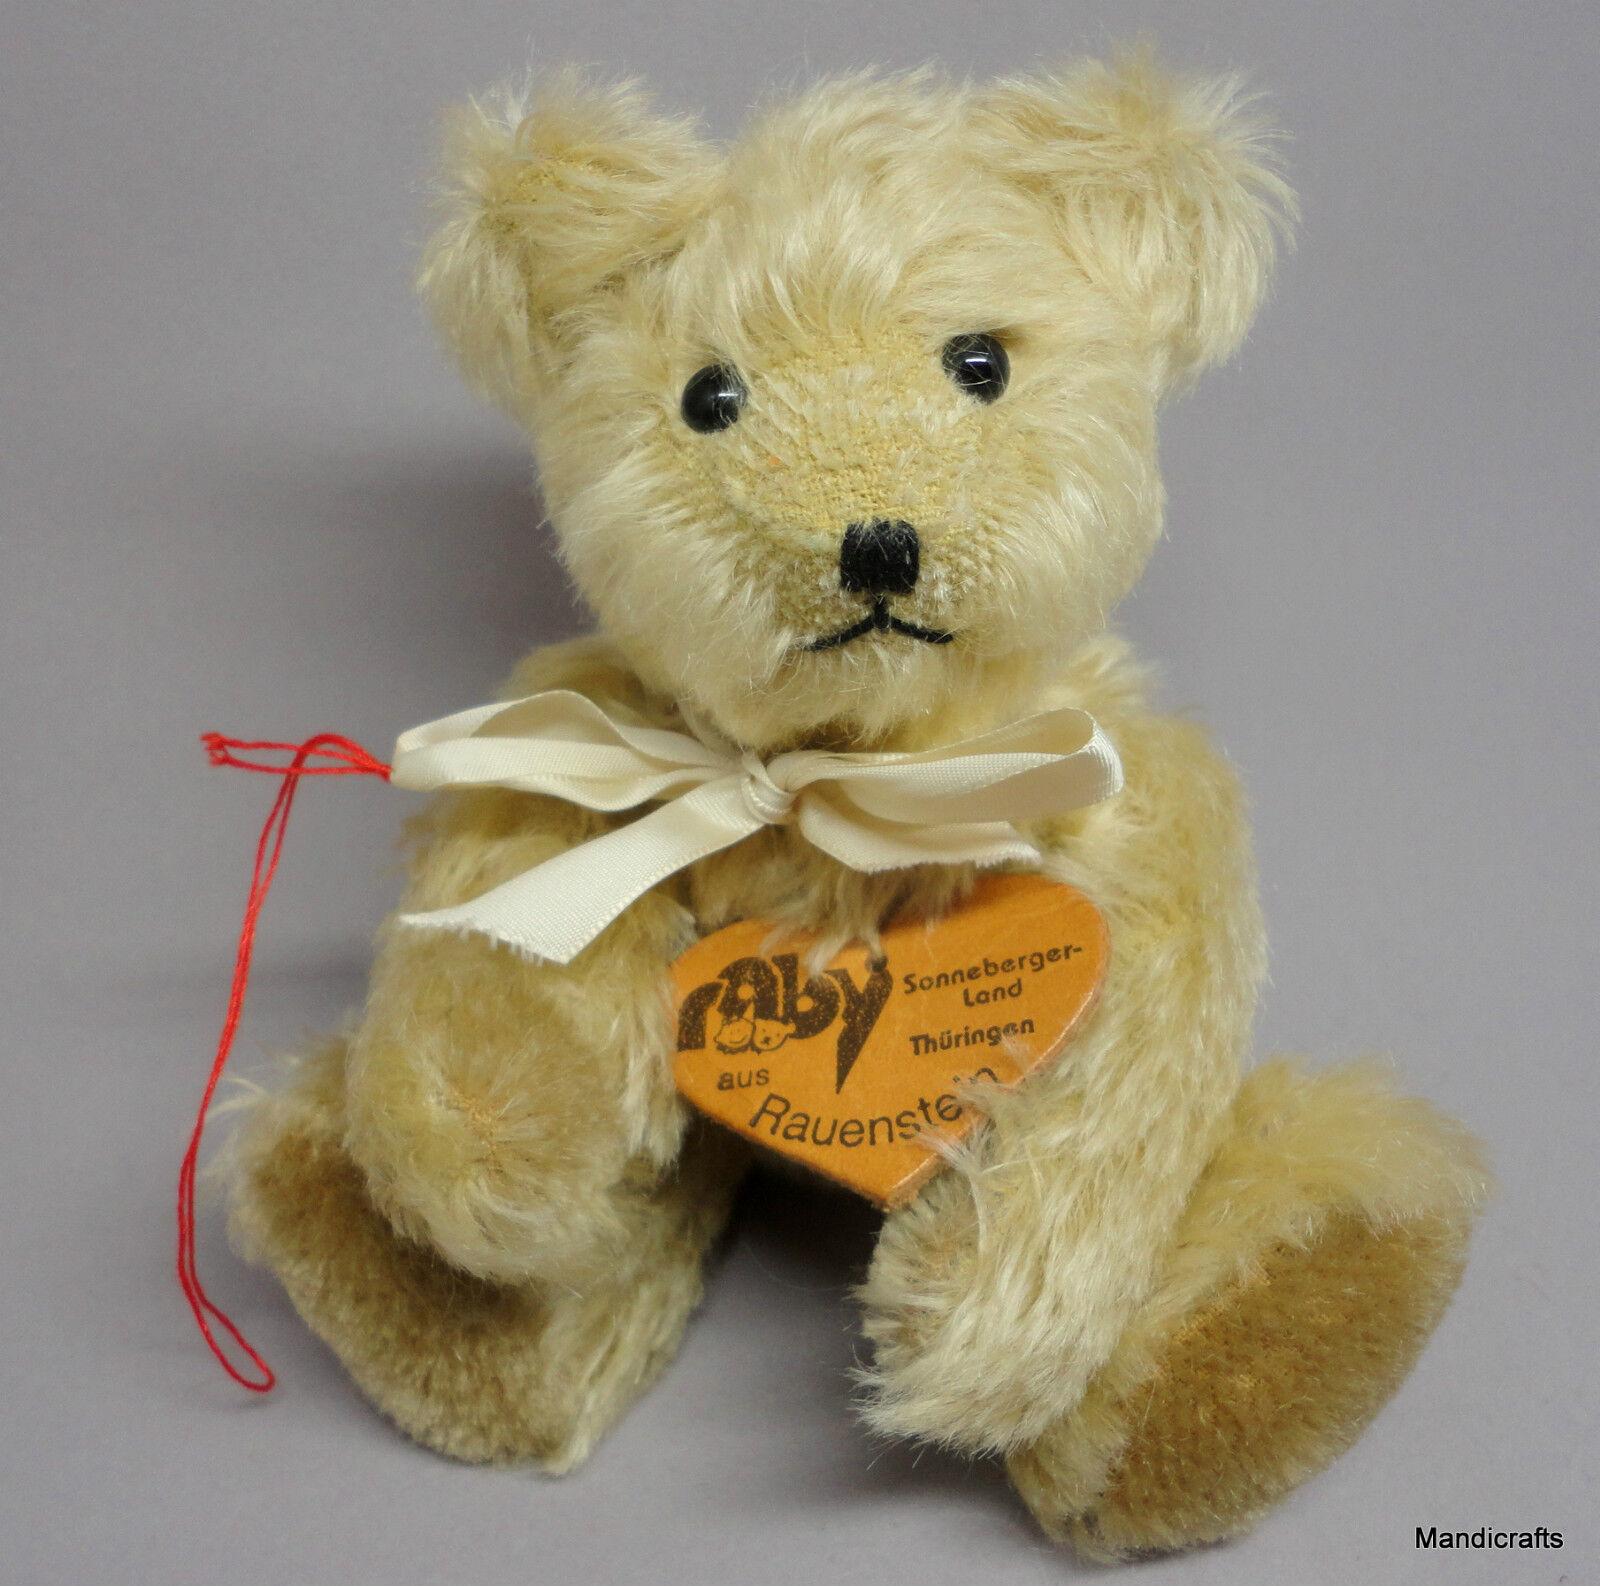 Raby Rauenstein Teddy Bear Mohair Plush 18cm 7in Sonneberg Hang Tag 1990s Vtg